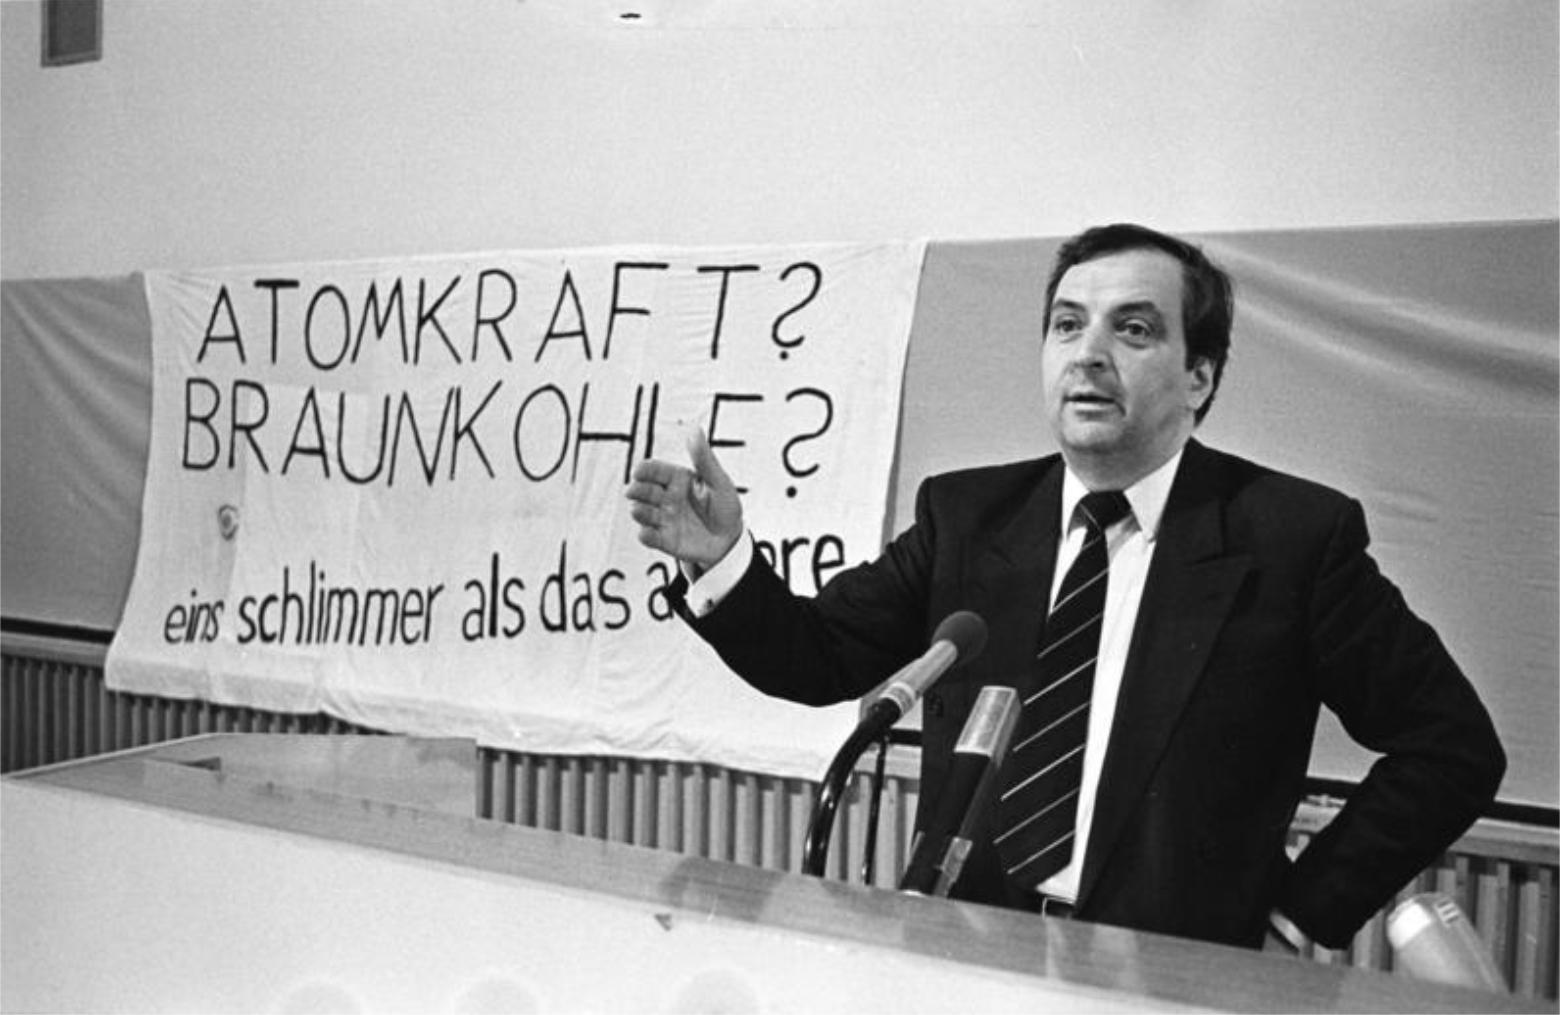 Leben für Wandel: Umweltminister Klaus Töpfer bei einer Rede in Cottbus, 1990. Dahinter ein Transparent mit der Aufschrift